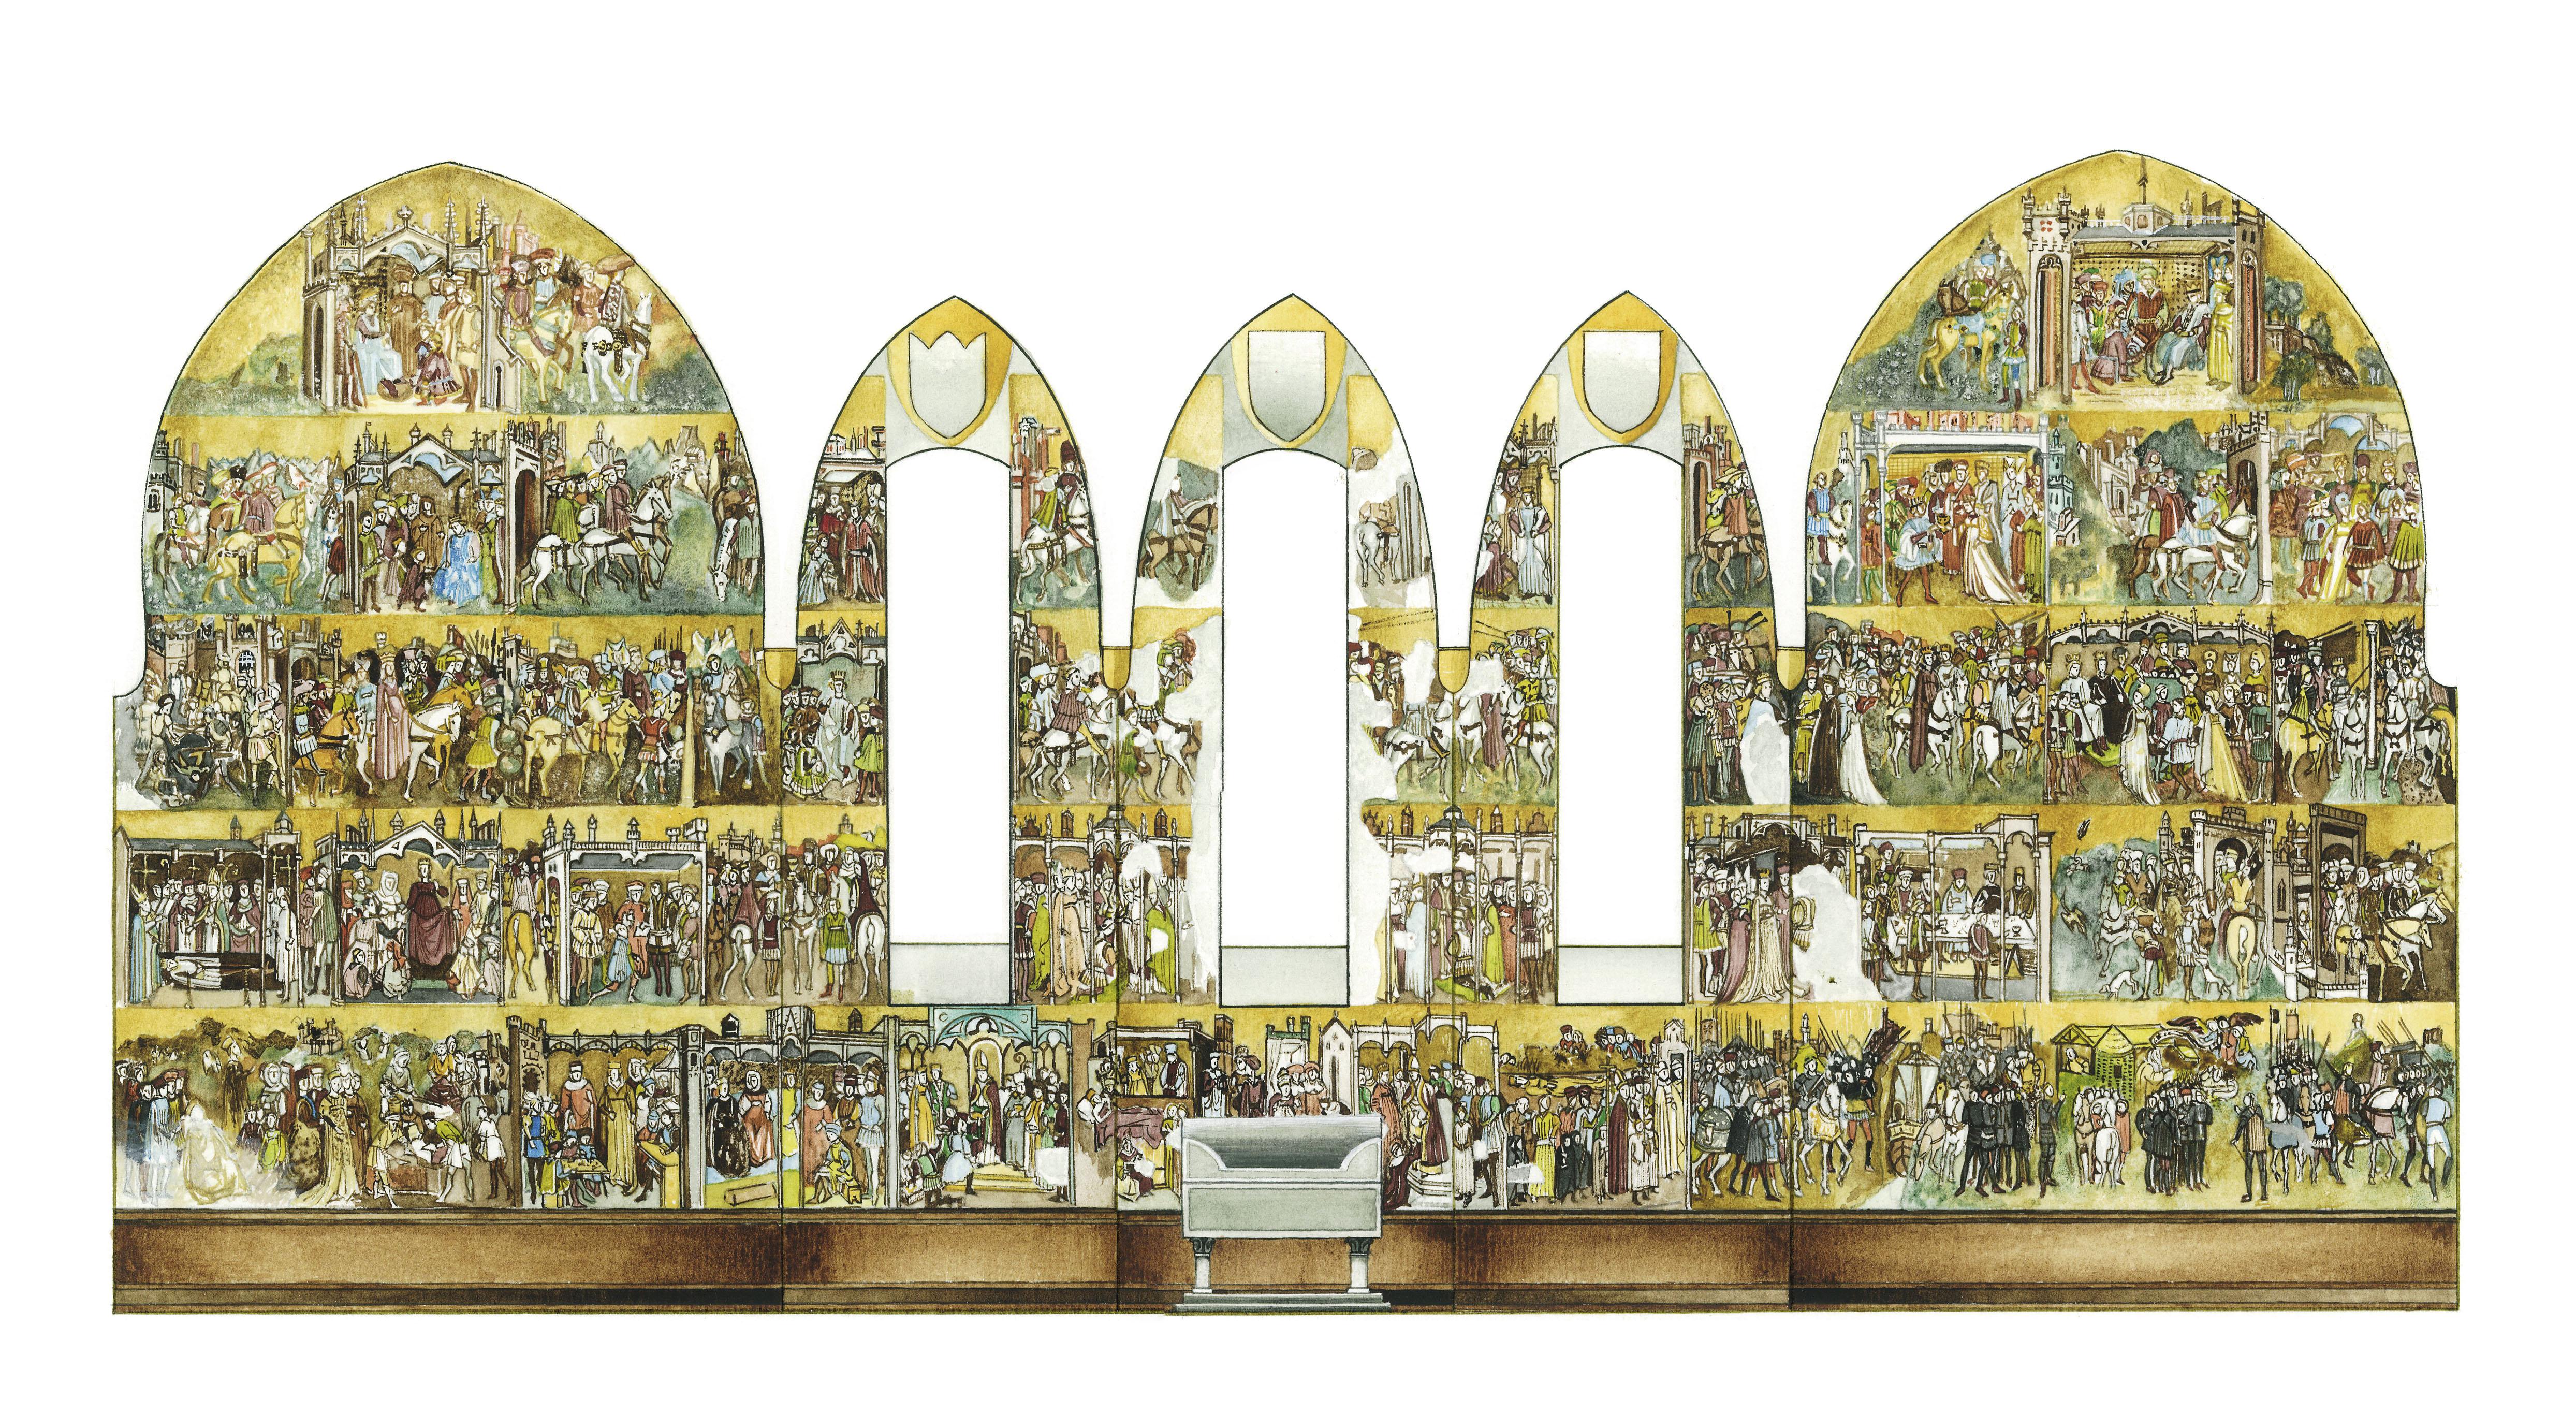 Nella cappella di Teodolinda, è situato il più importante ciclo lombardo di affreschi quattrocenteschi sulla Leggenda di Teodolinda.